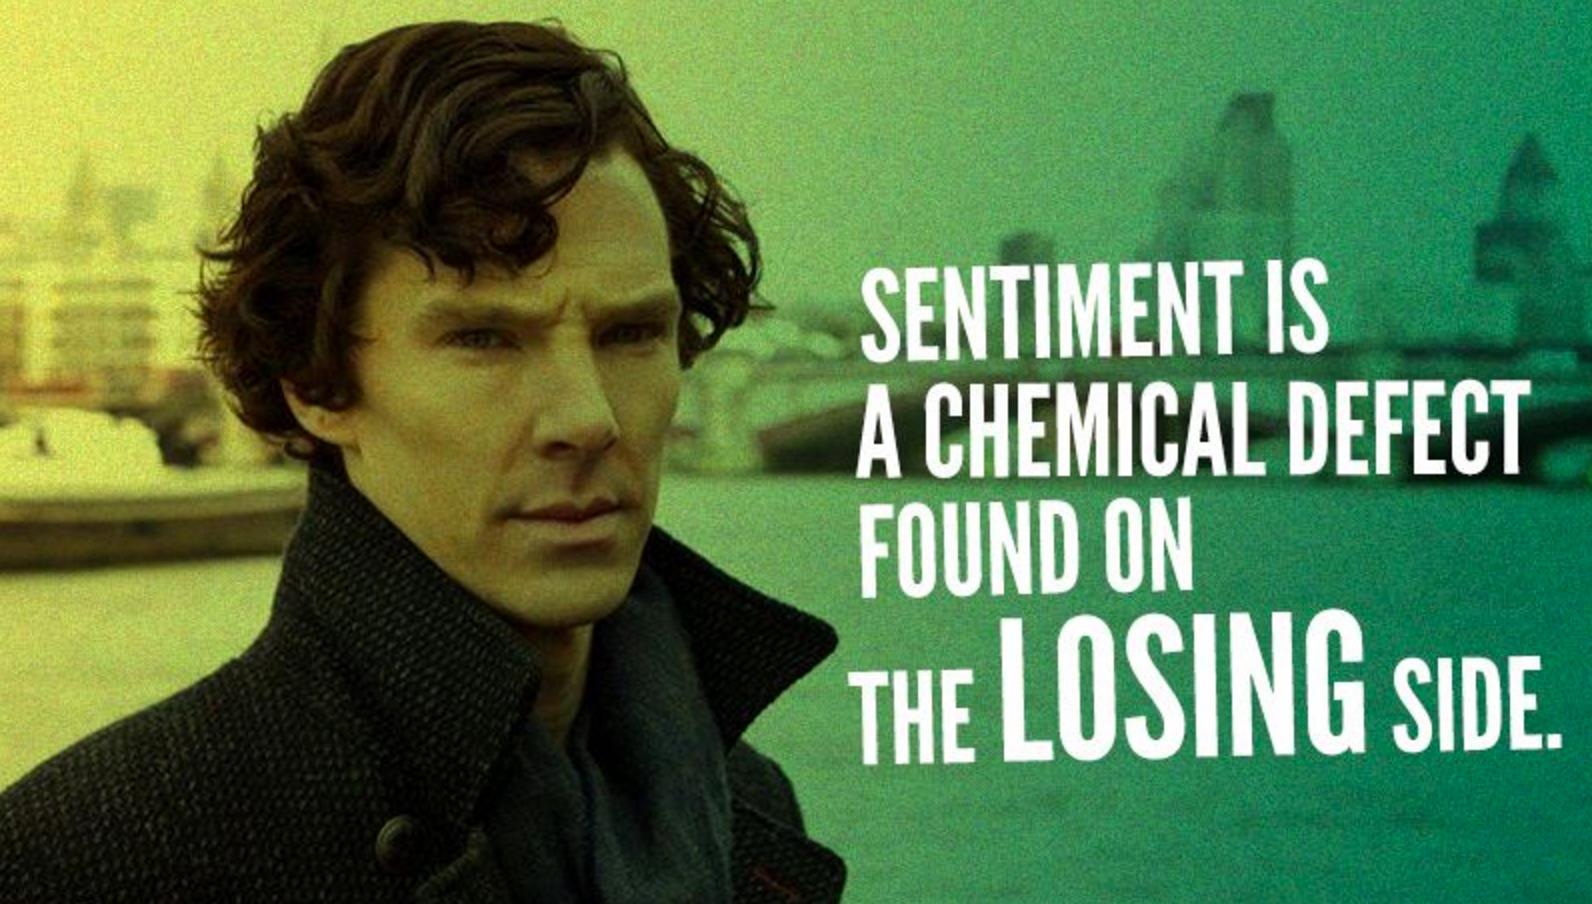 Sherlock casts aspersions on having feelings.